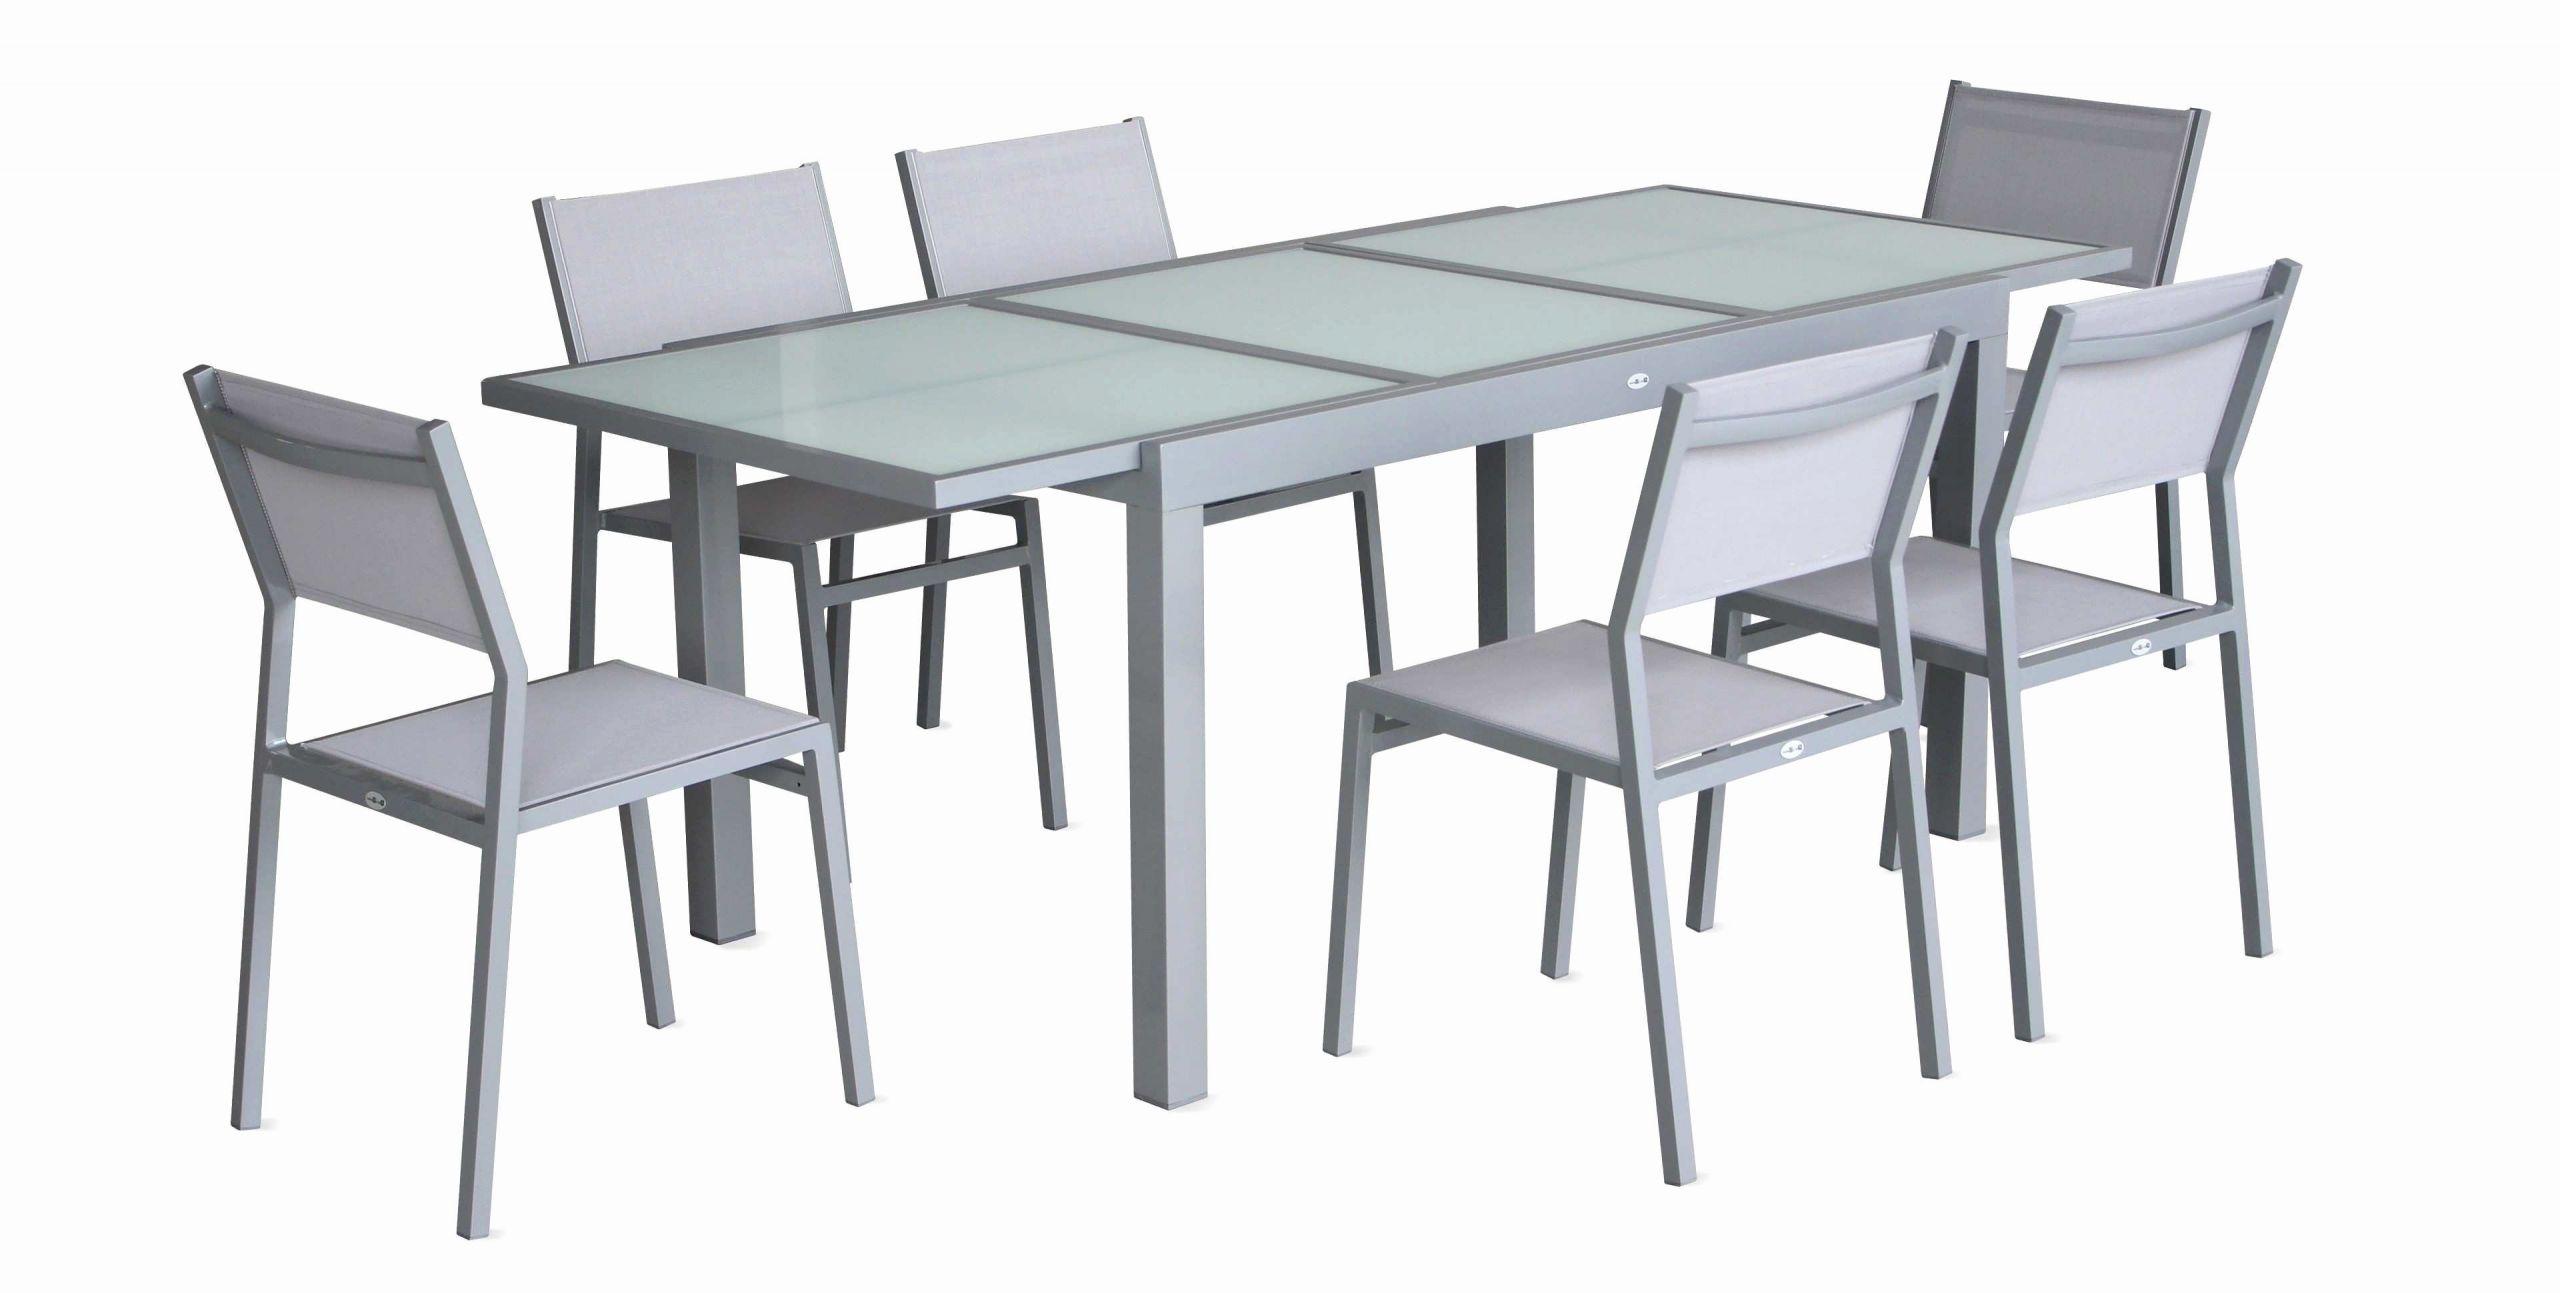 meubles de jardin hesperides merveilleux de salon de jardin hesperide nouveau 35 besten of meubles de jardin hesperides